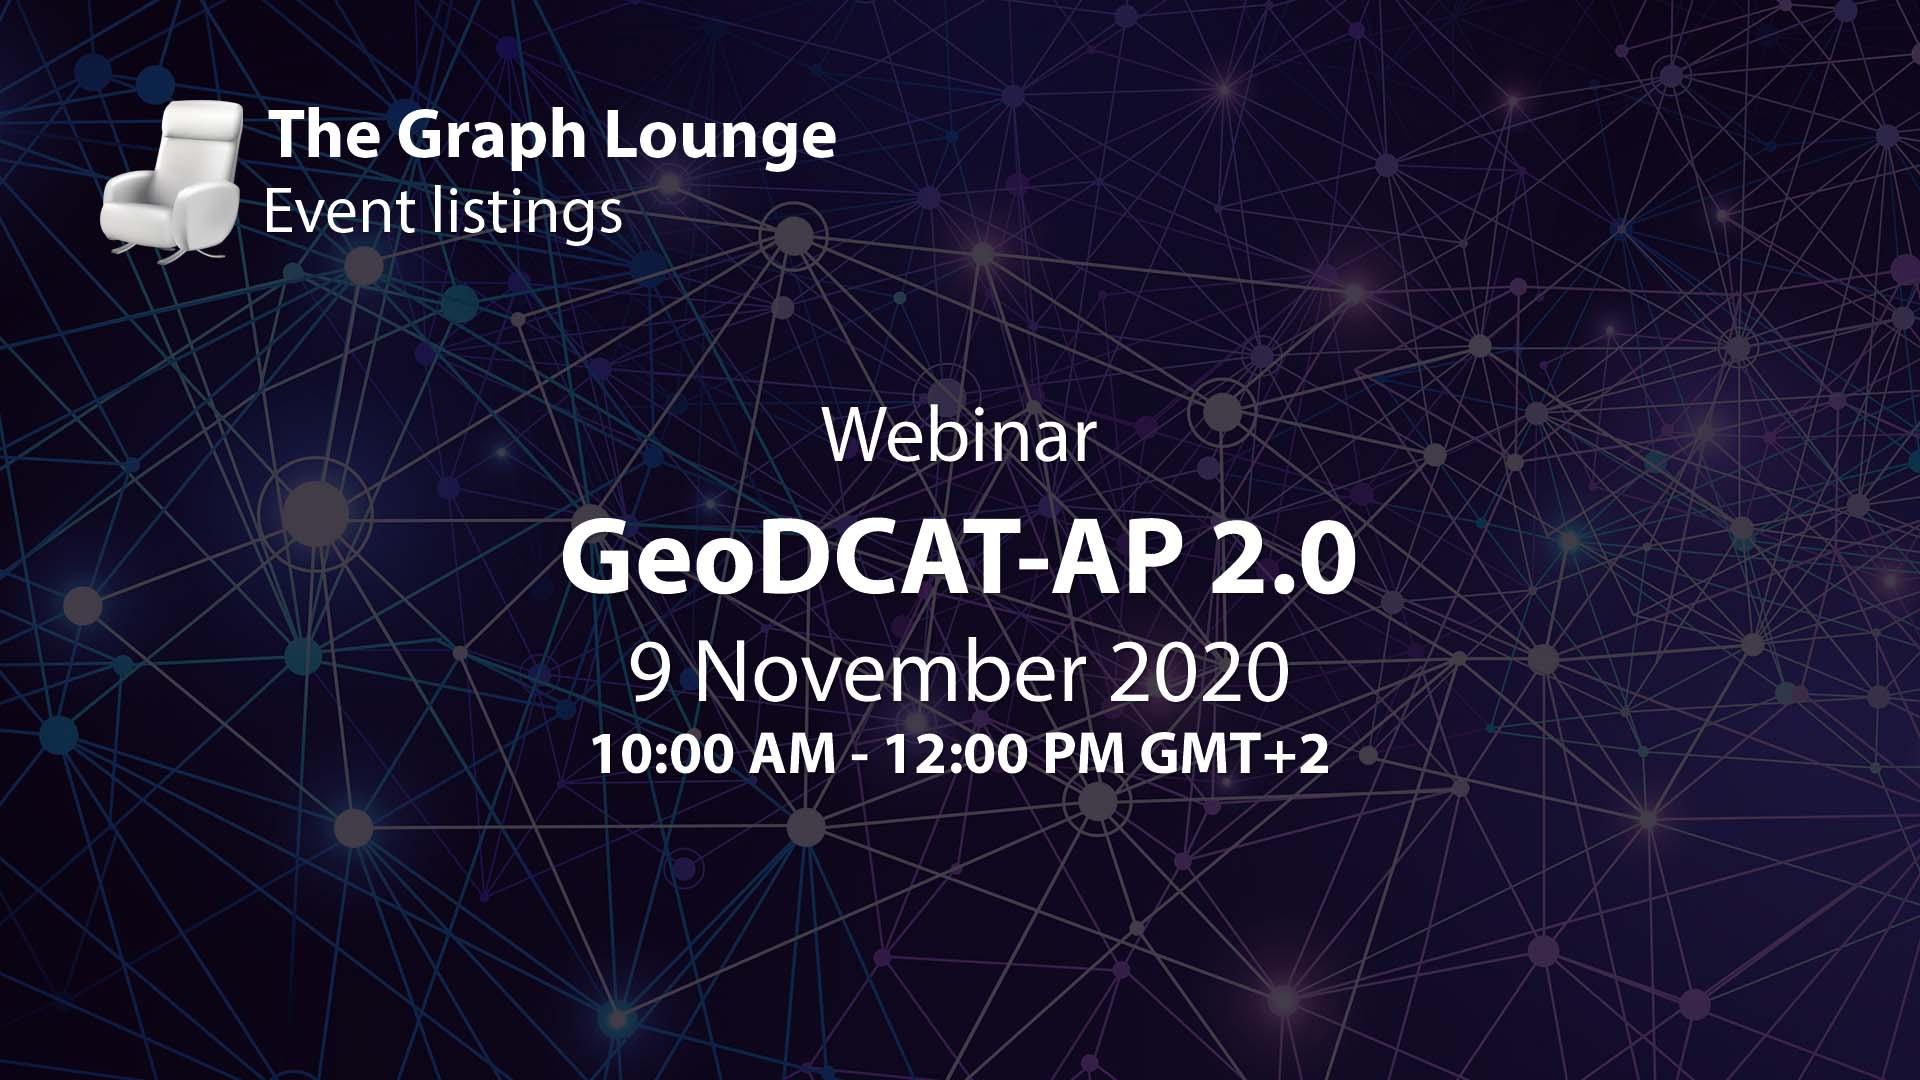 GeoDCAT-AP 2.0